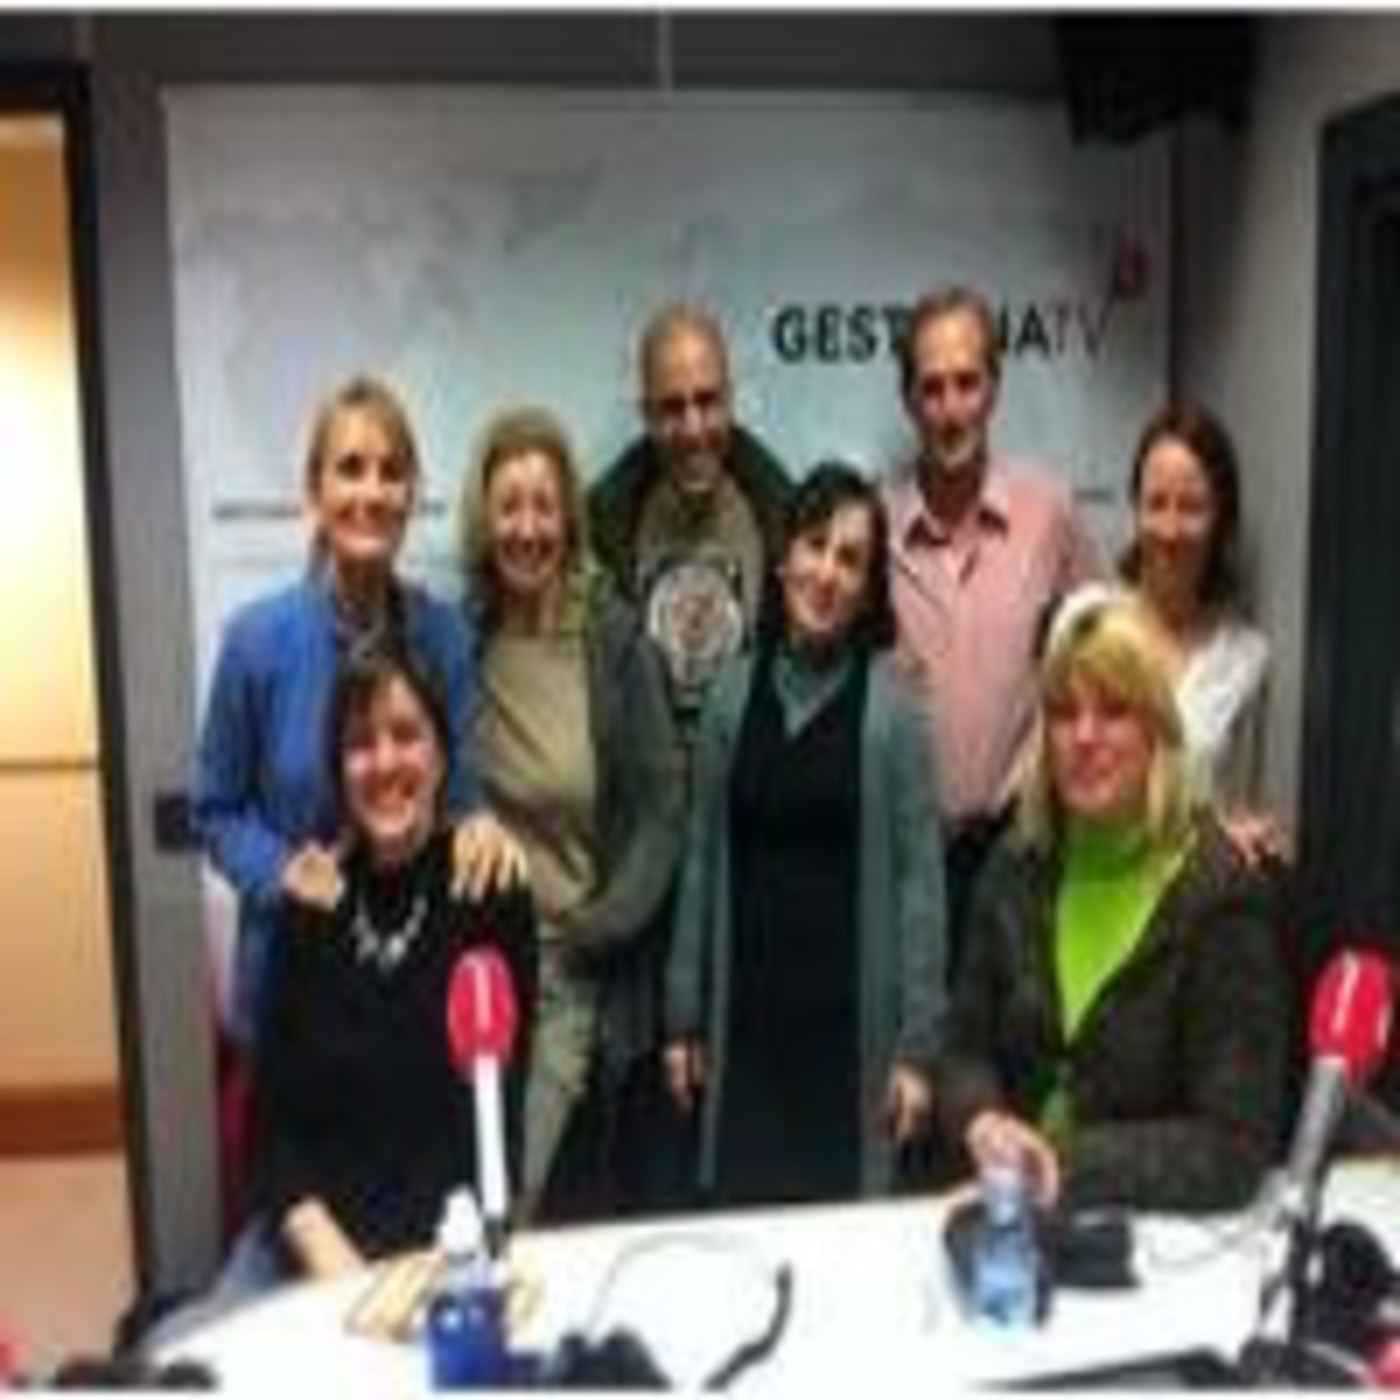 Suzanne Powell, Peter Gonzalez con PSYCH-K® y Arquitectura de Maternidades con Marta Parra y Angela Müller